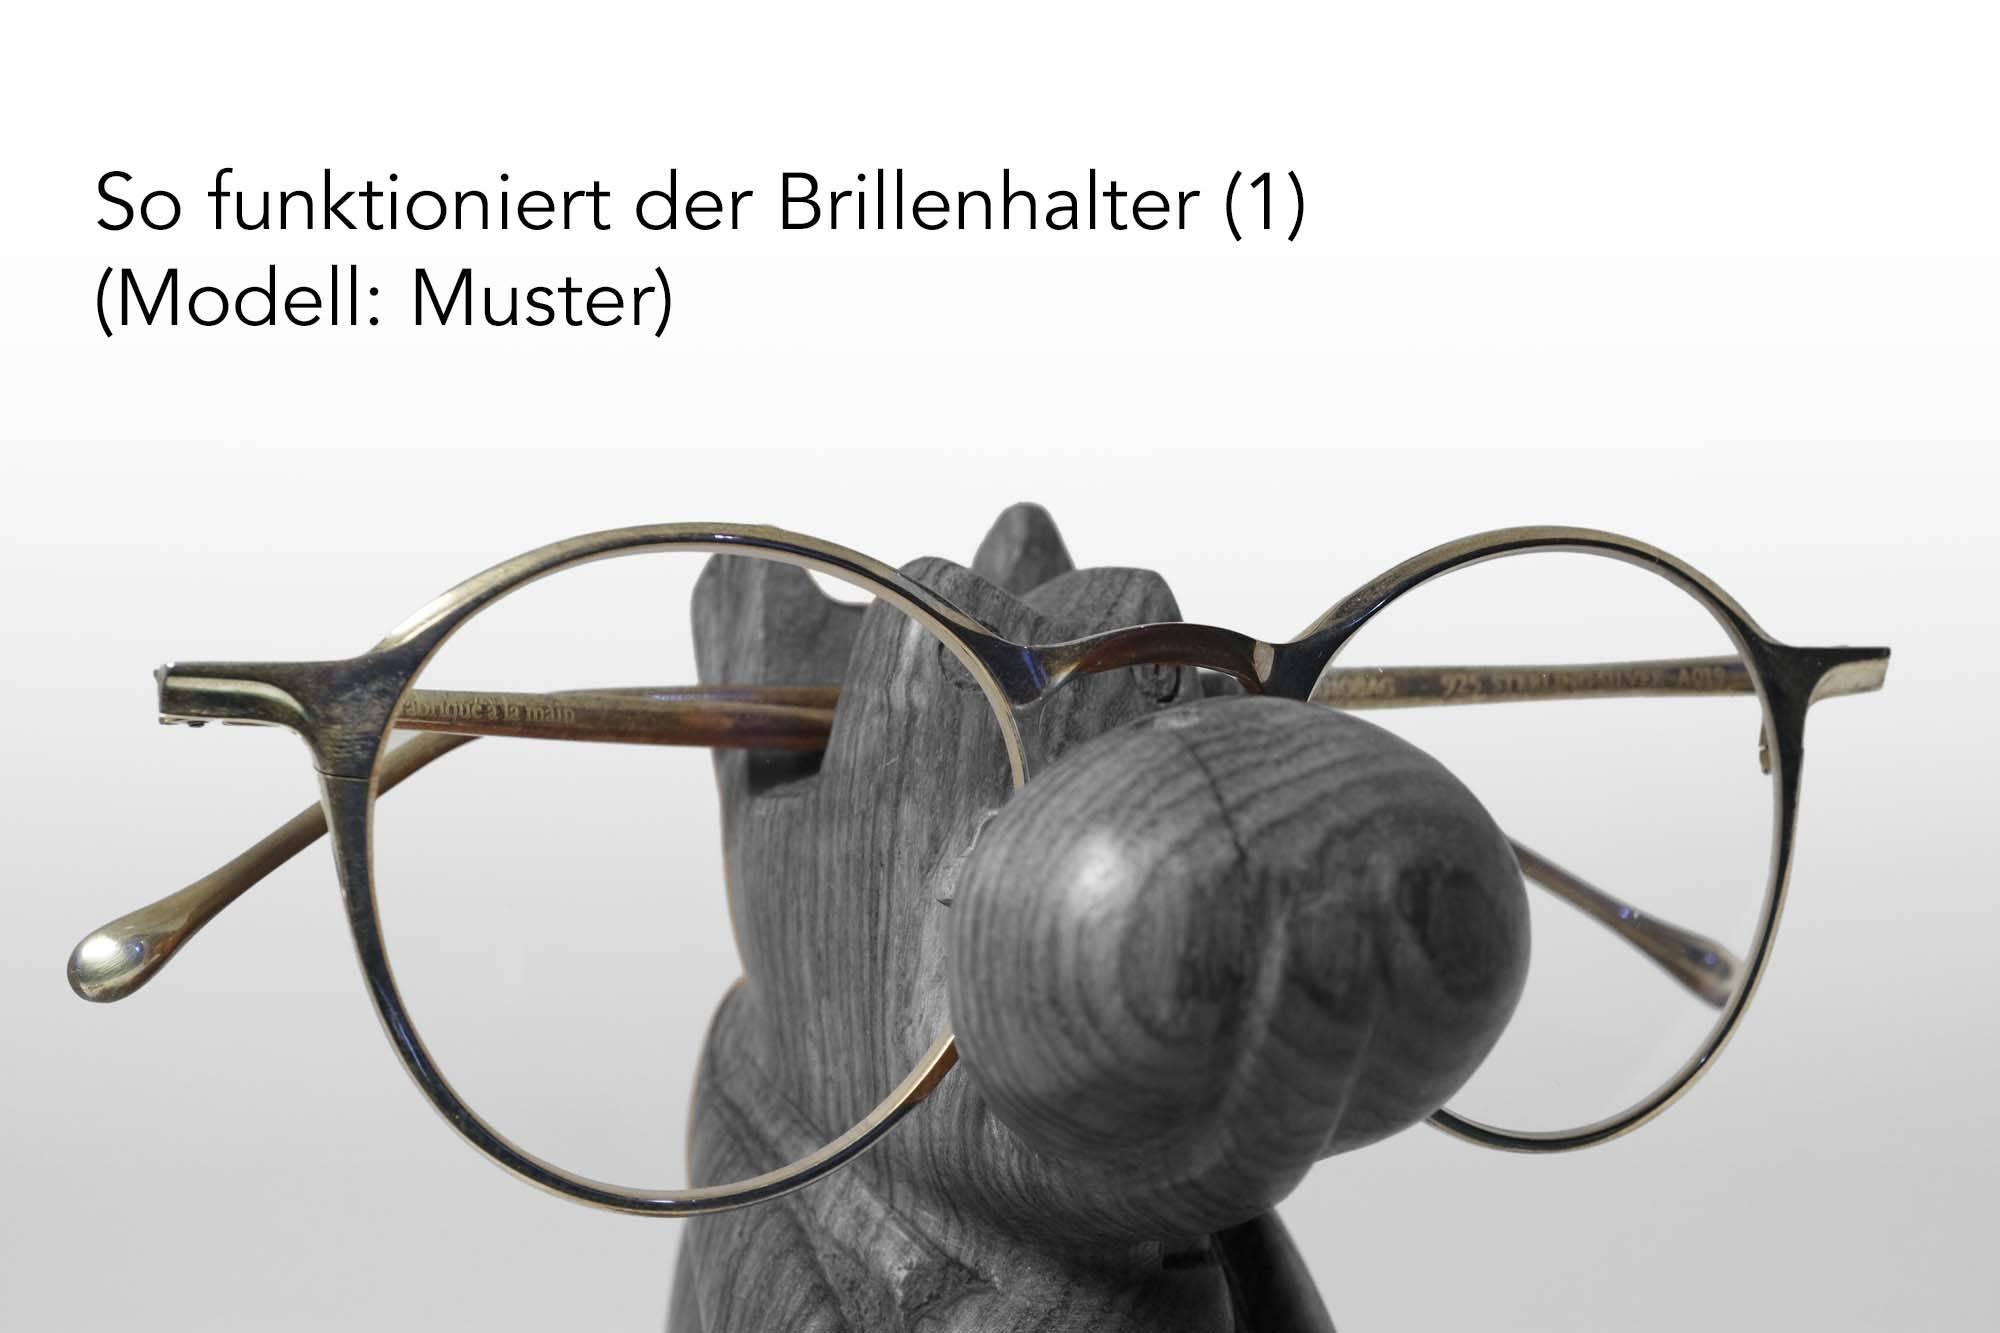 Brillenhalter: So wird die Brille eingehängt (Muster)